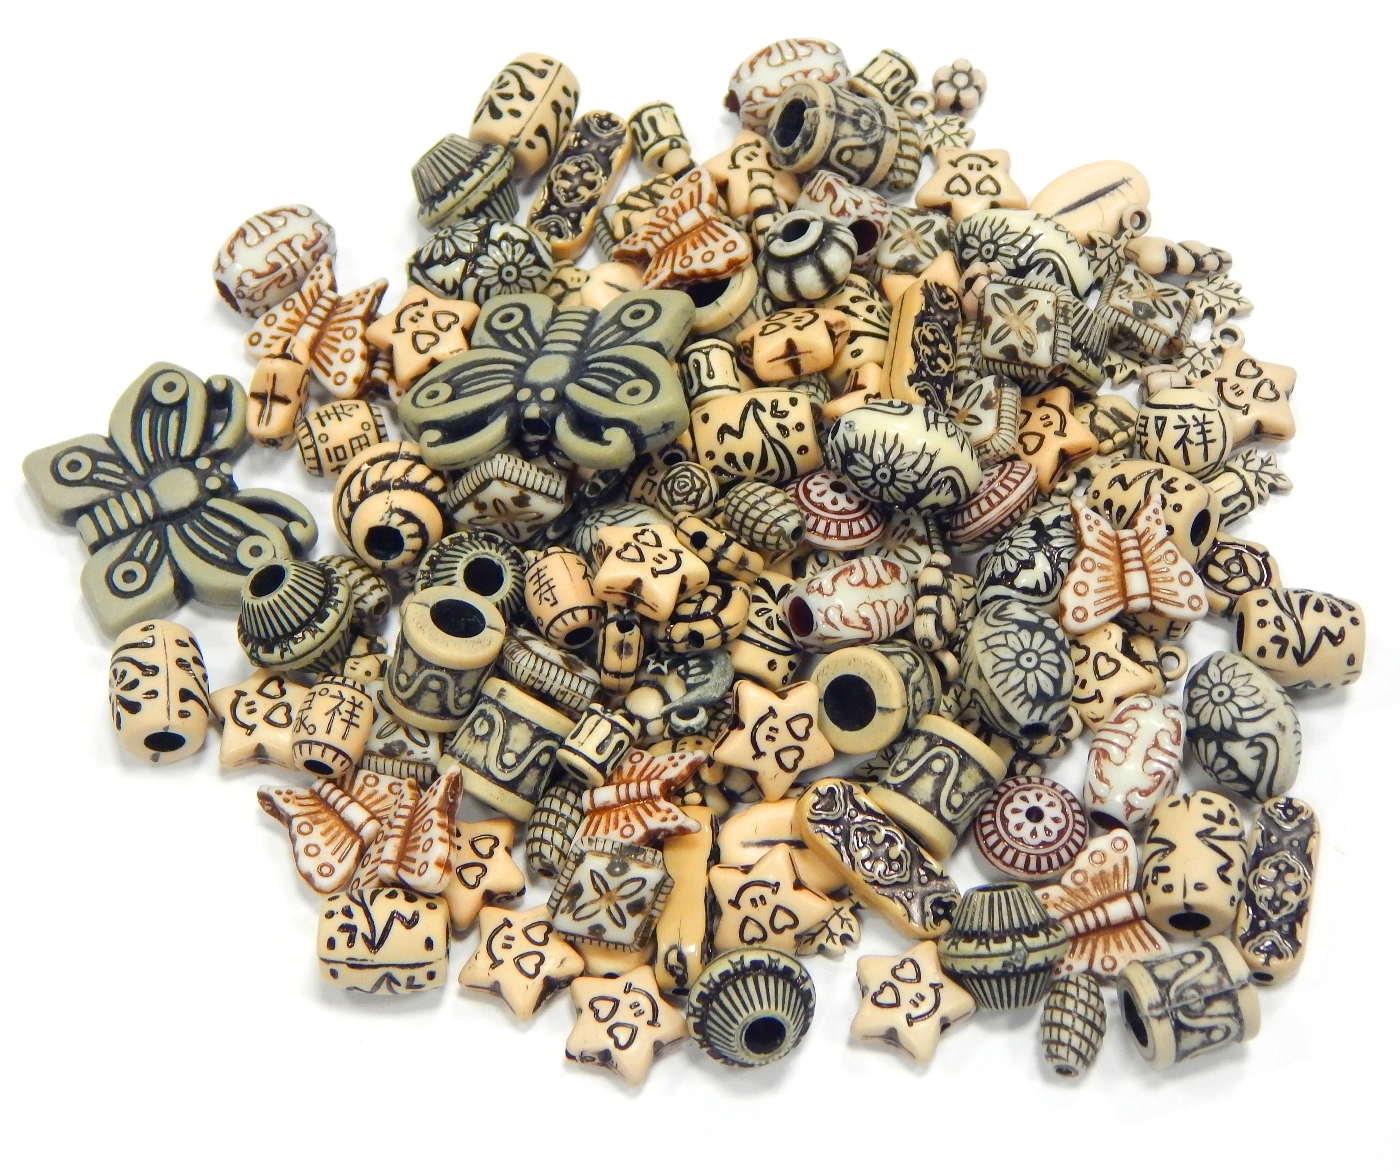 50g Kunststoffperlen Gemisht Tibet Antik Schmuck Acryl Zwischenperlen Mix D121